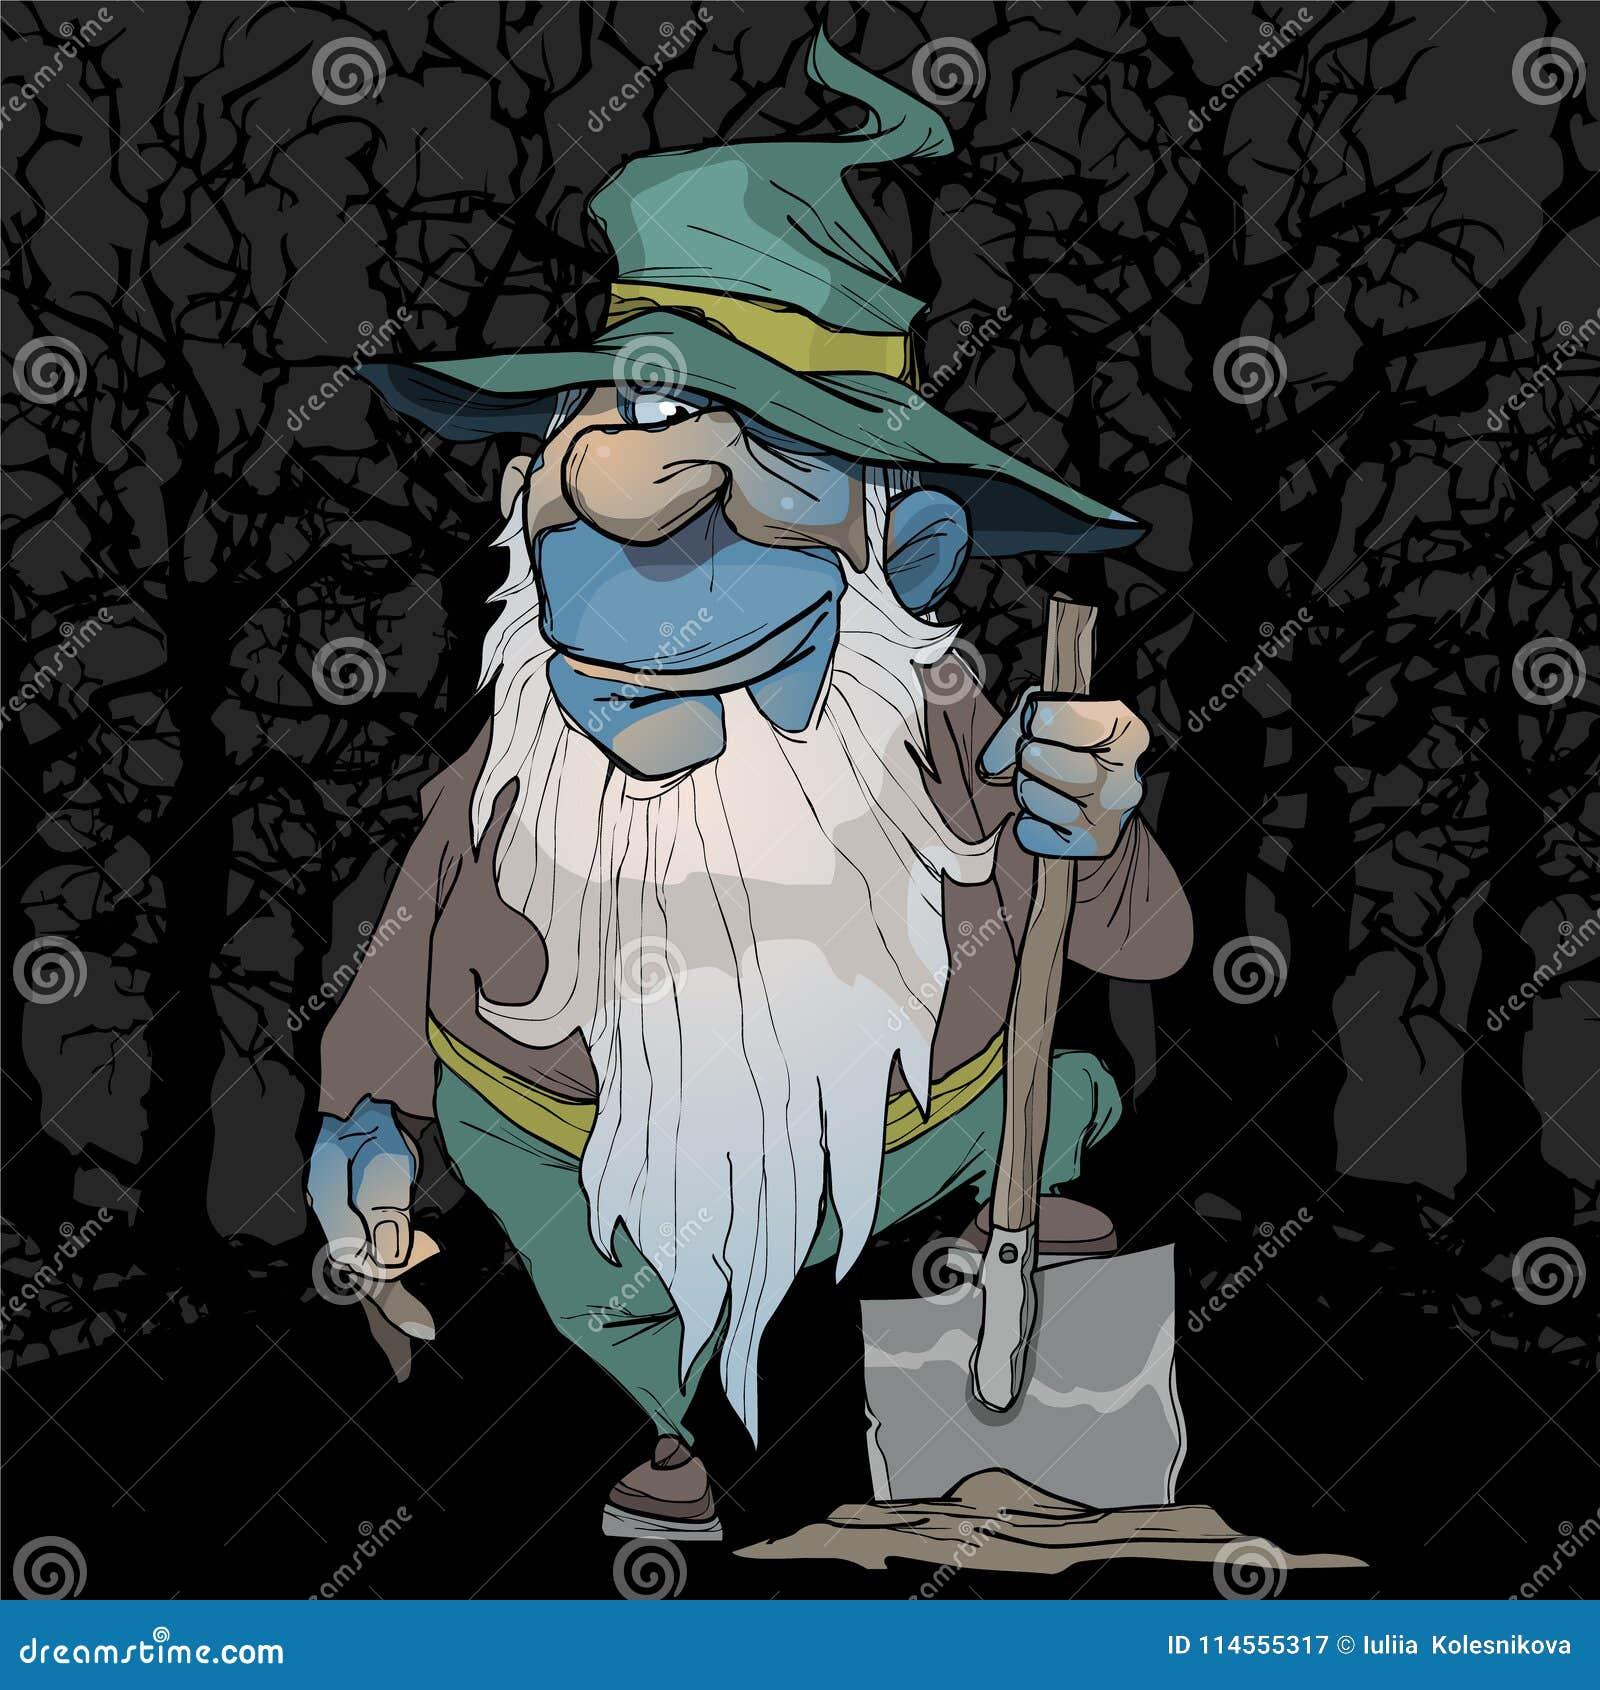 El enano azul de la historieta se coloca con una pala en el bosque de la noche